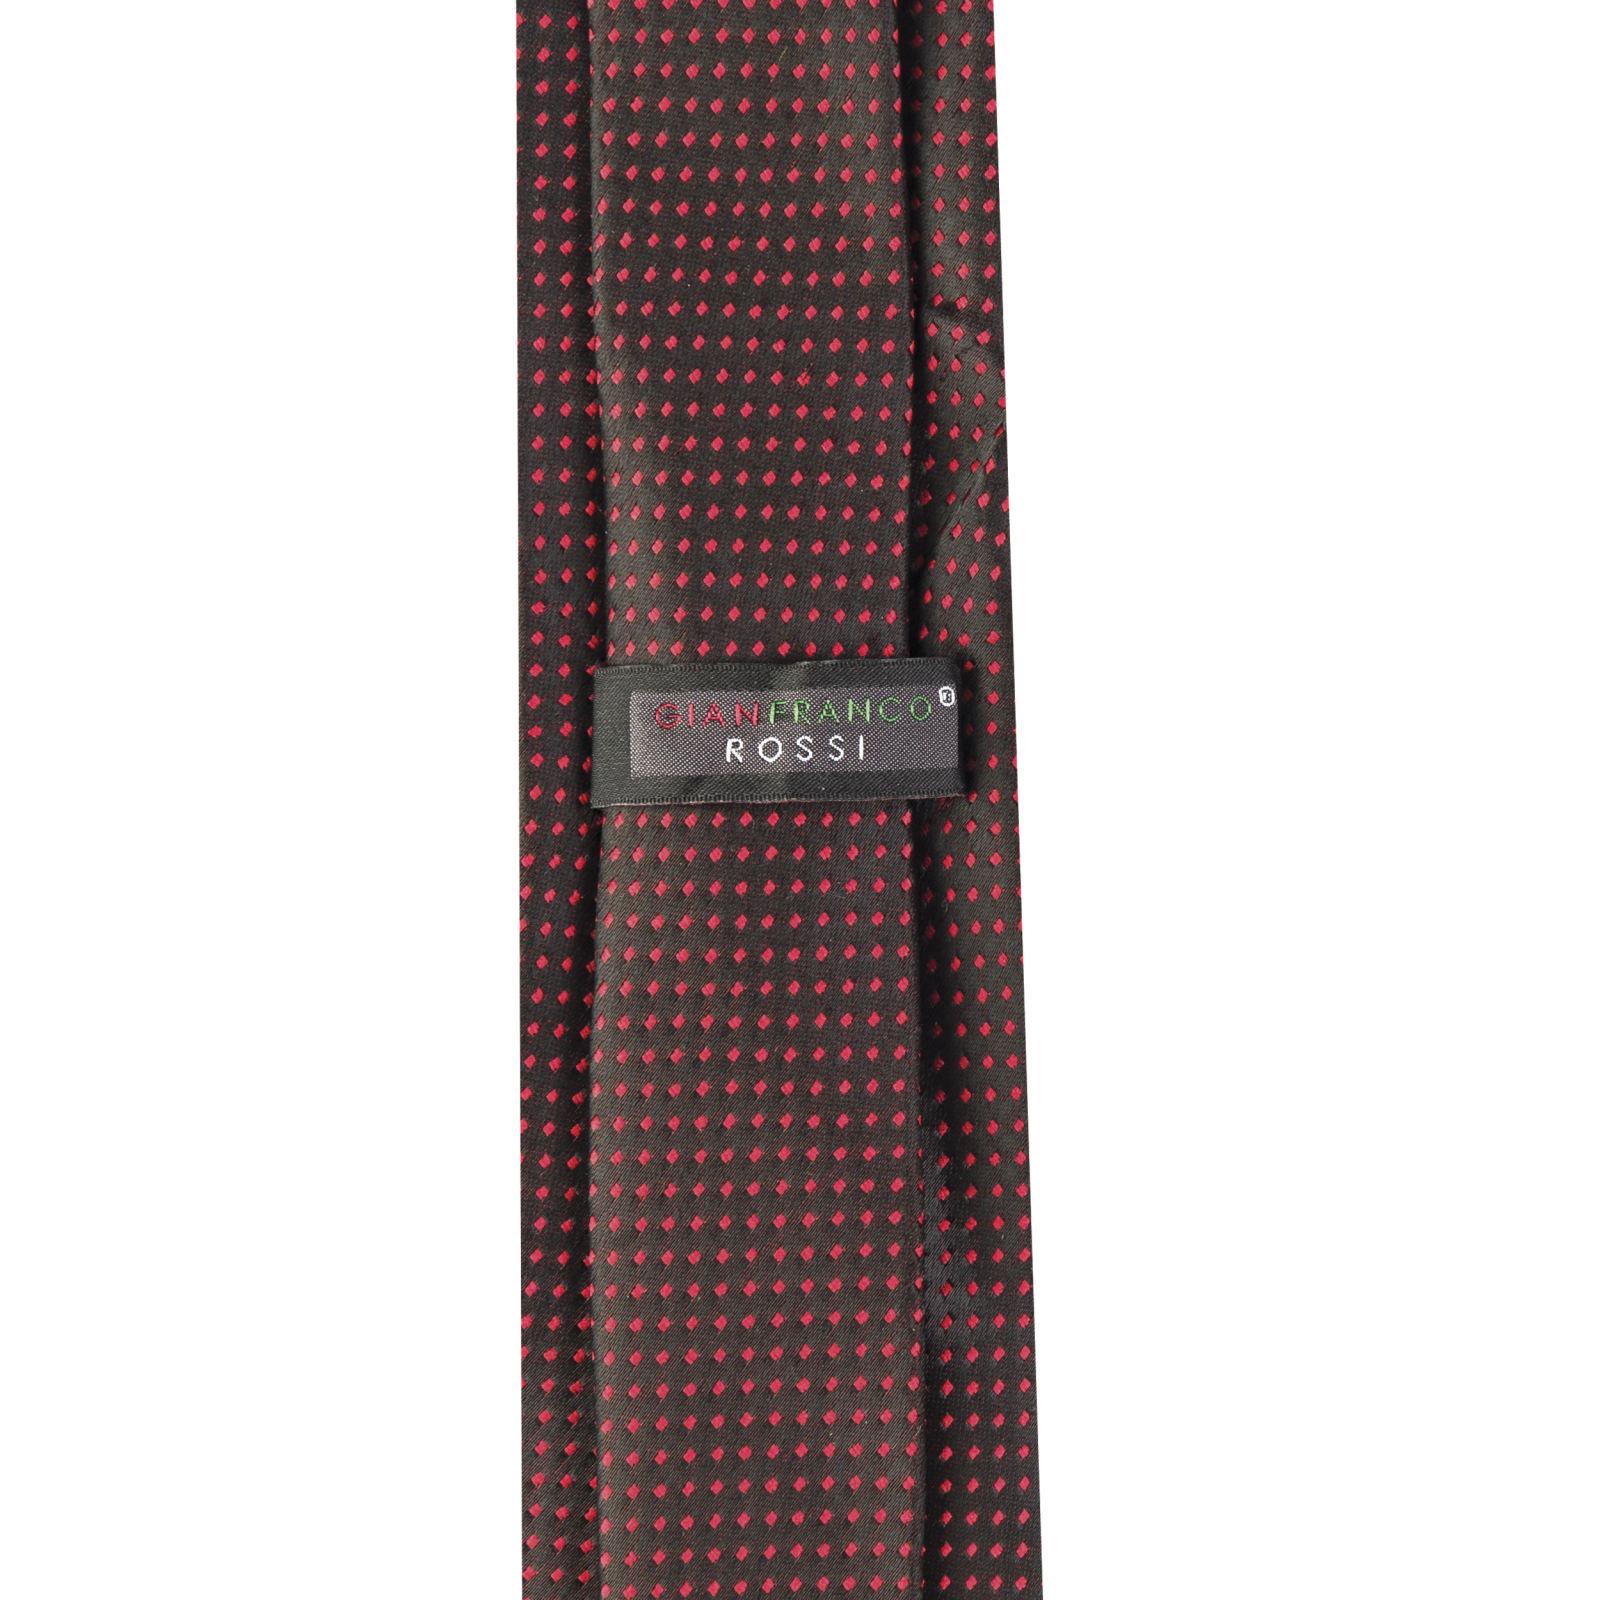 ست کراوات و دستمال جیب و گل کت مردانه جیان فرانکو روسی مدل GF-PO930-BK -  - 6